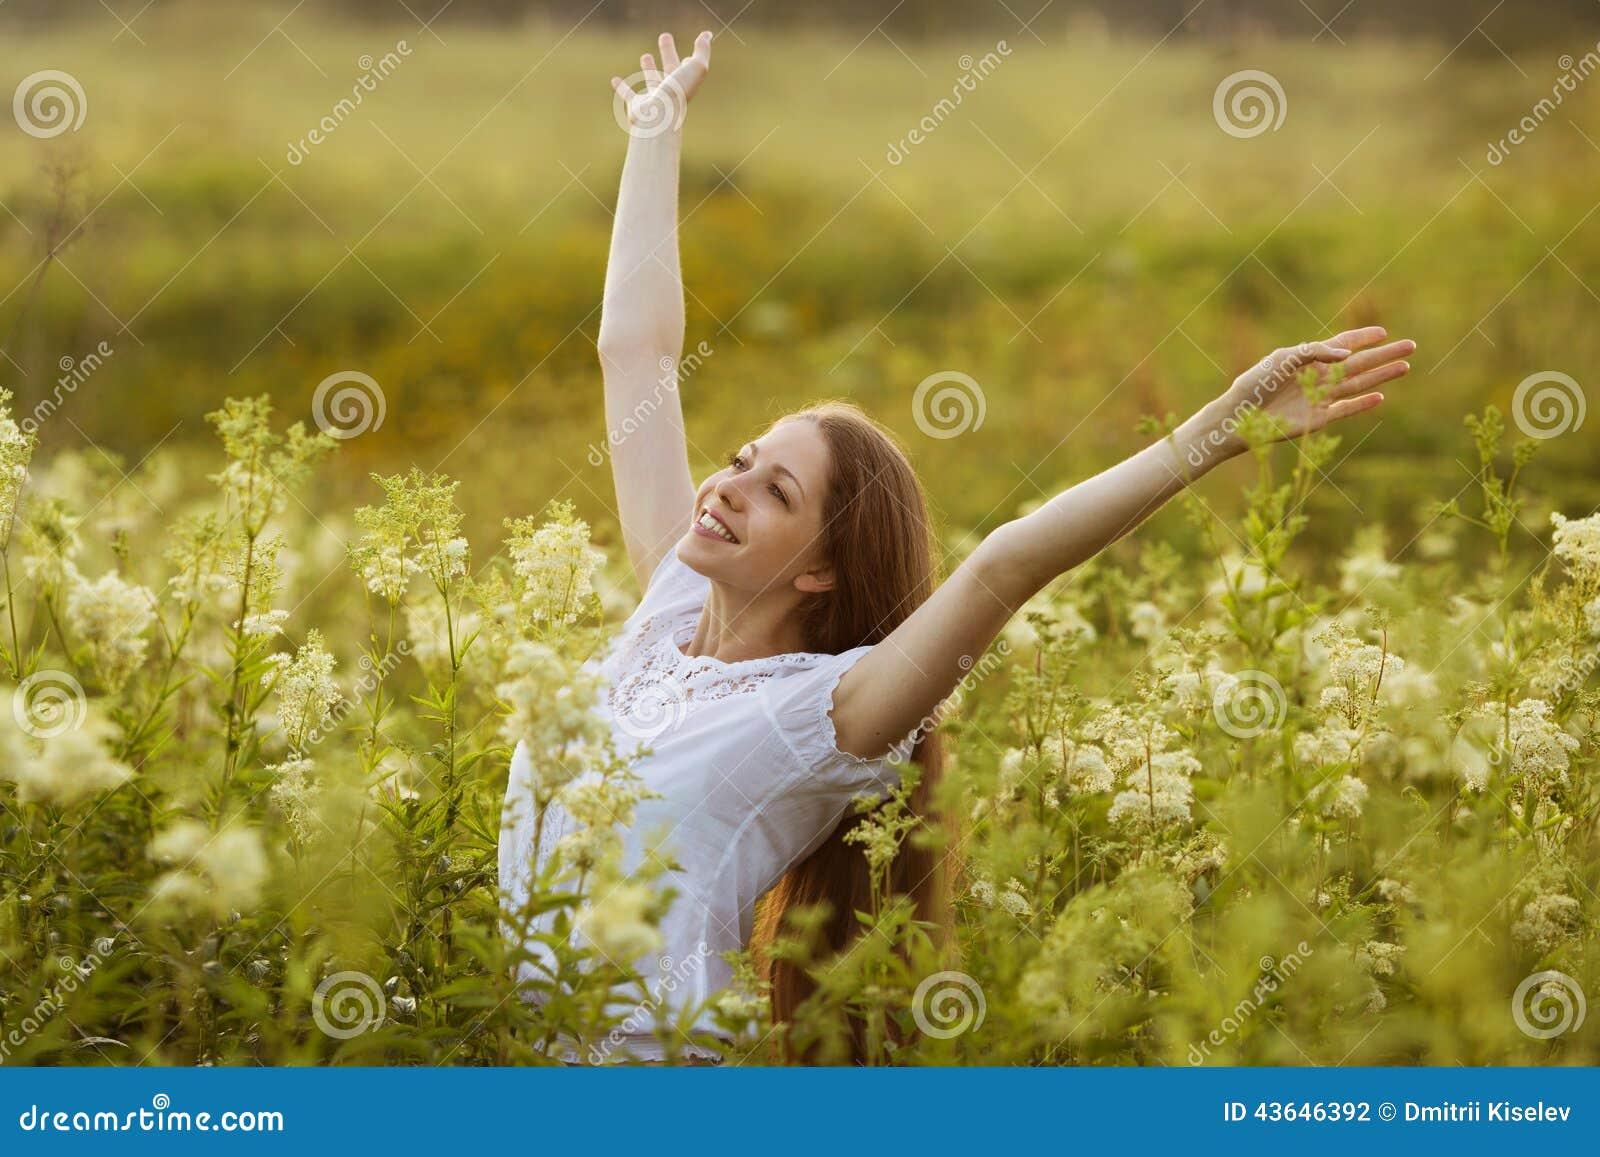 Mulher feliz em um estado de êxtase